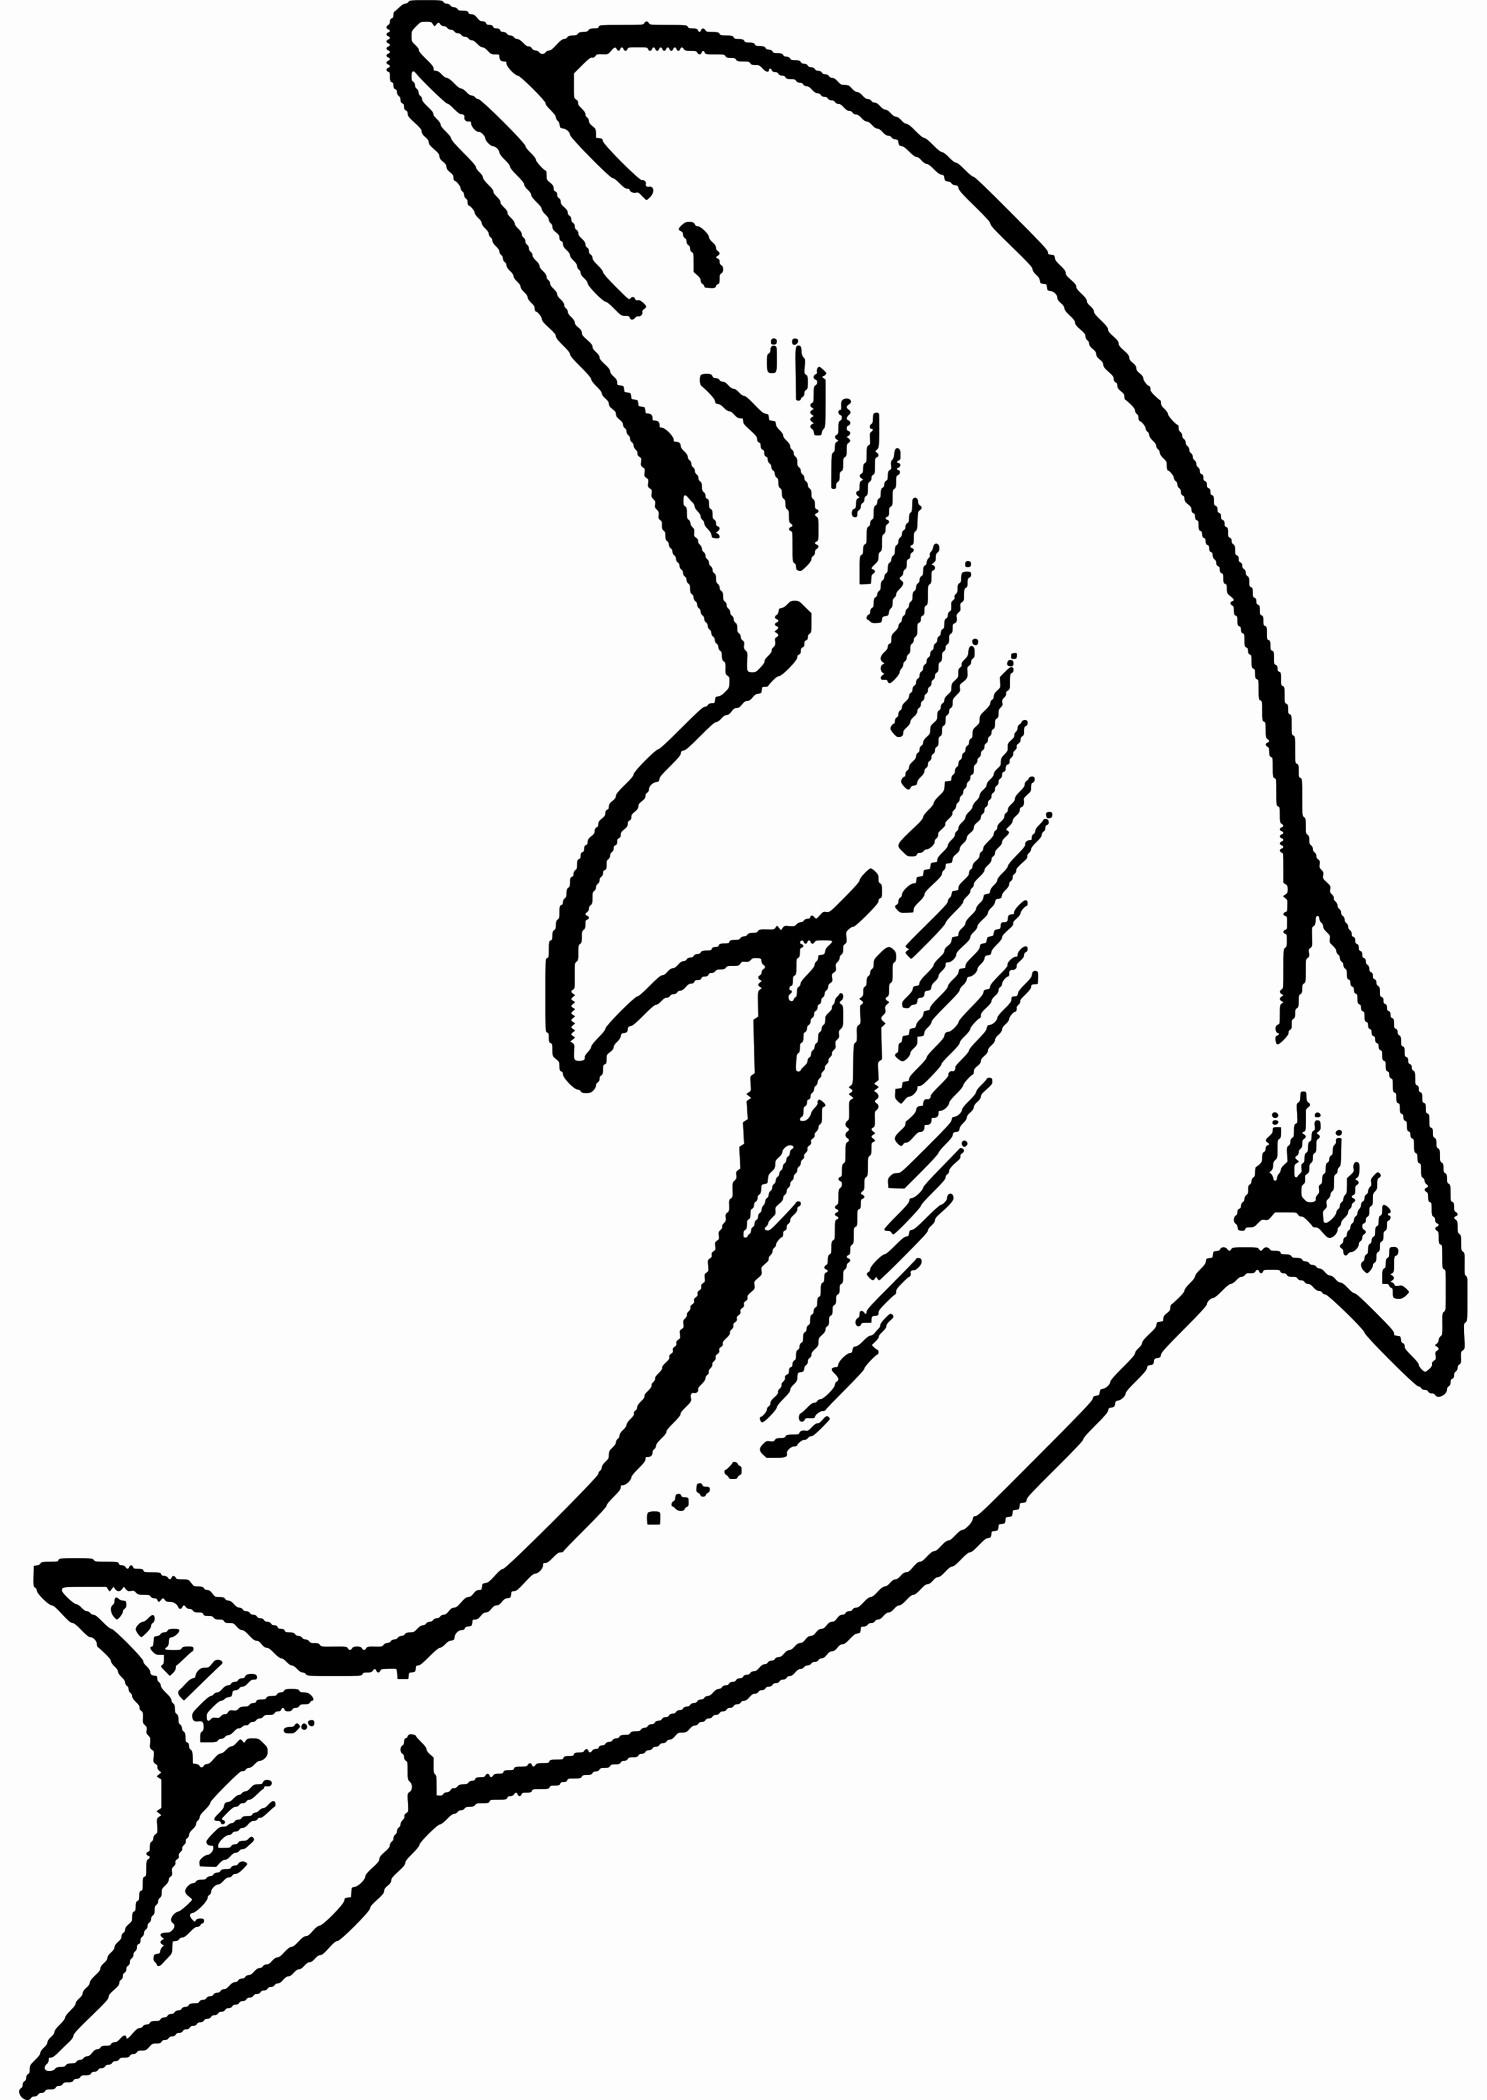 Delfin Bilder Zum Ausdrucken Genial Ausmalbilder Delfine Zum Ausdrucken Sammlungen Malvorlagen Delphin Fotos